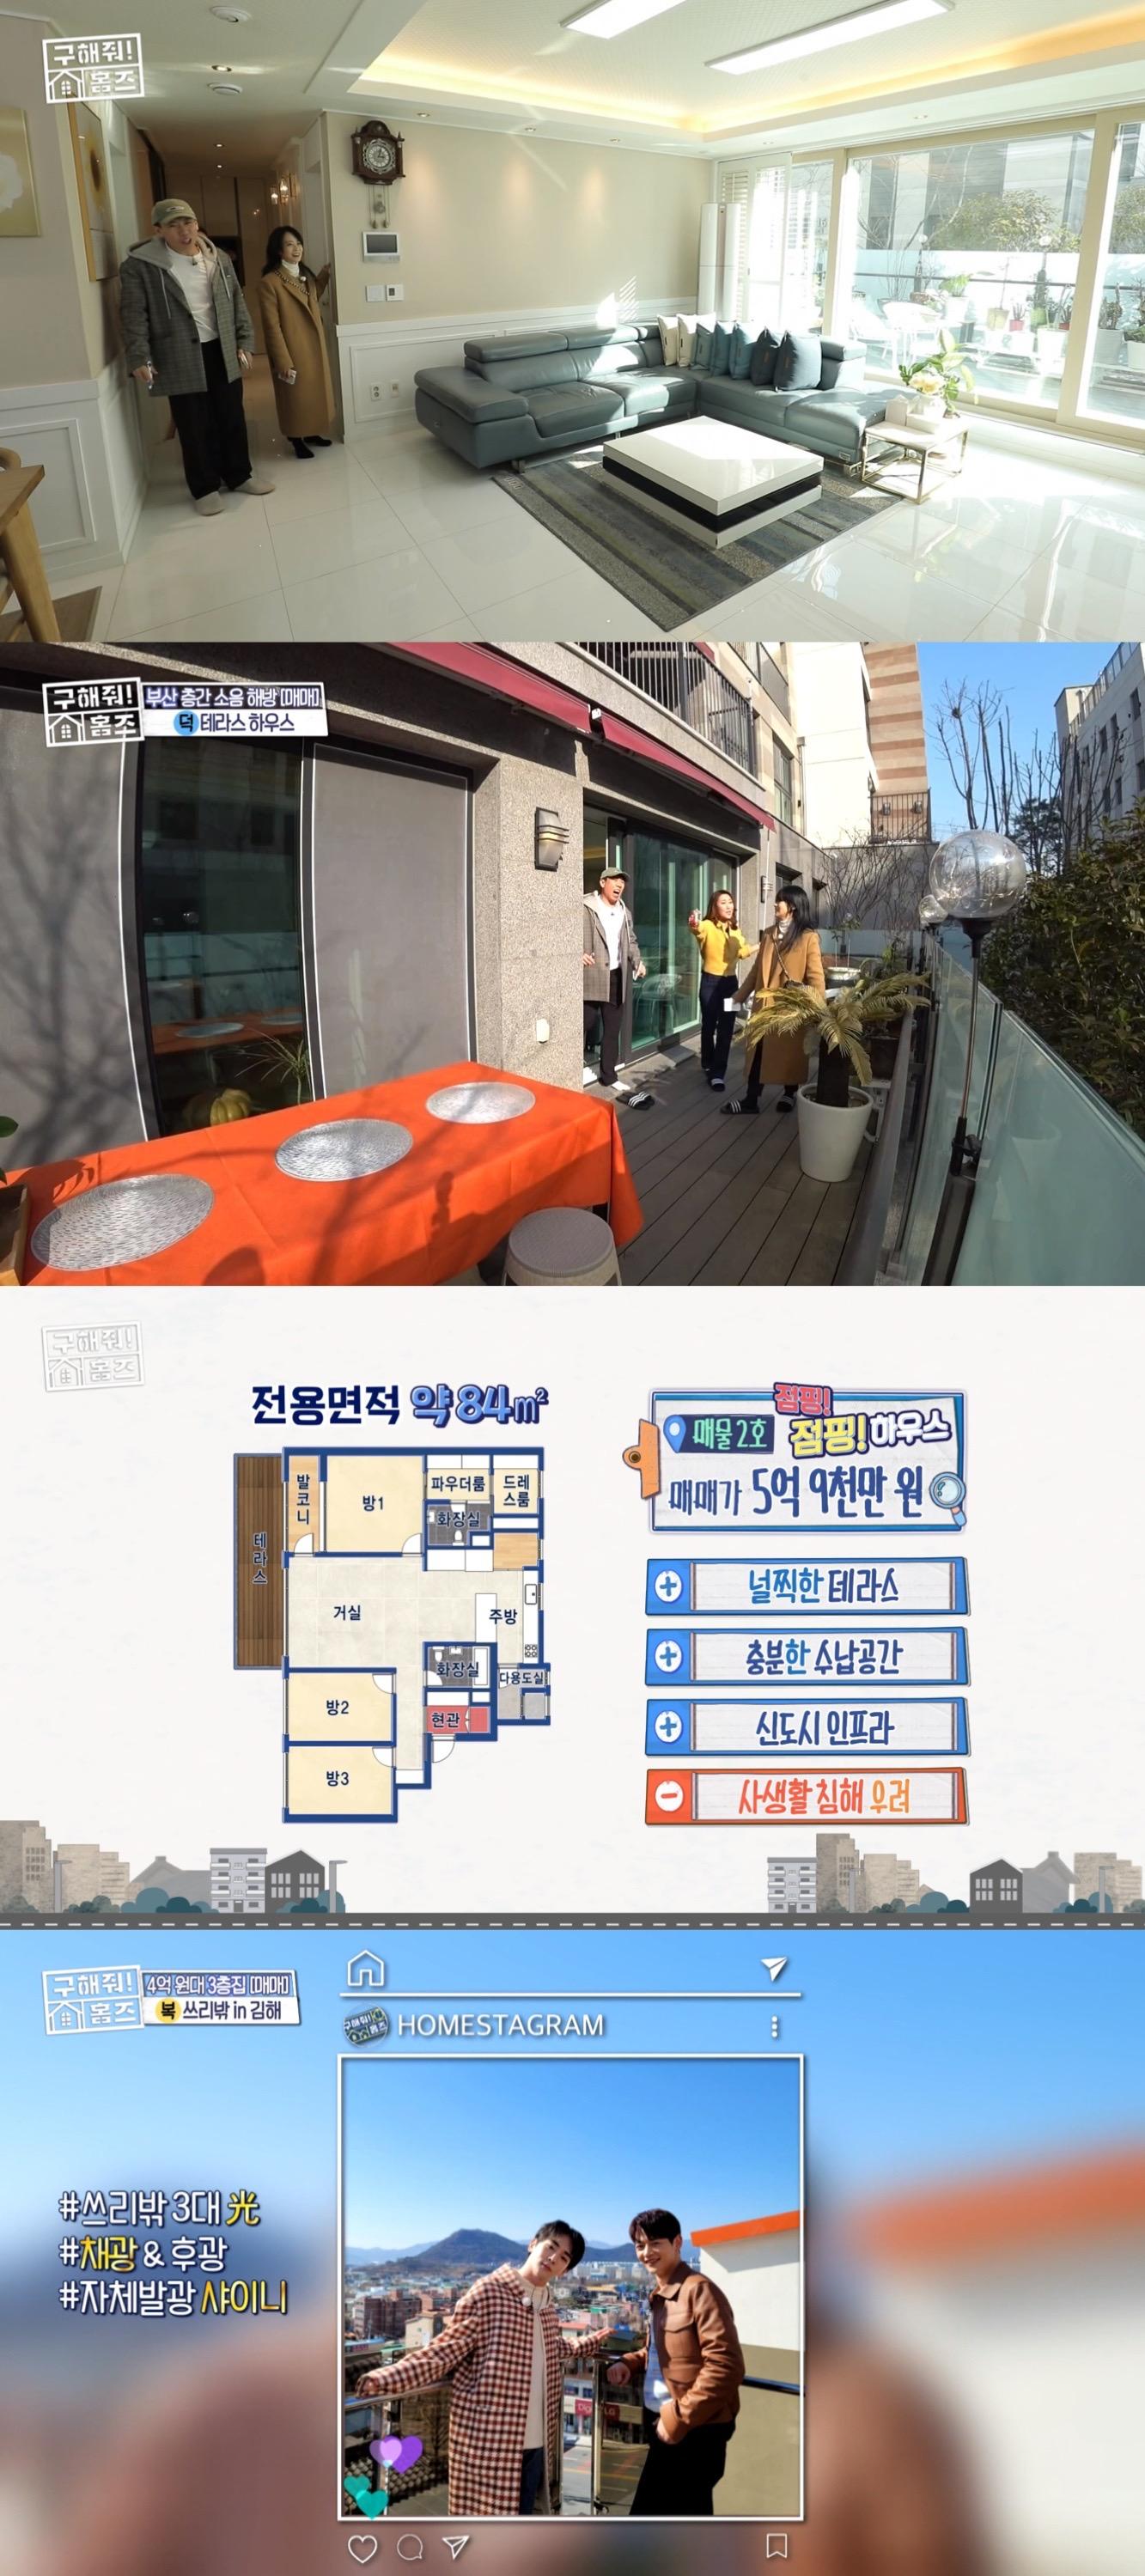 '구해줘! 홈즈' 류현경, 샤이니 제치고 승리… 2049 시청률 1위